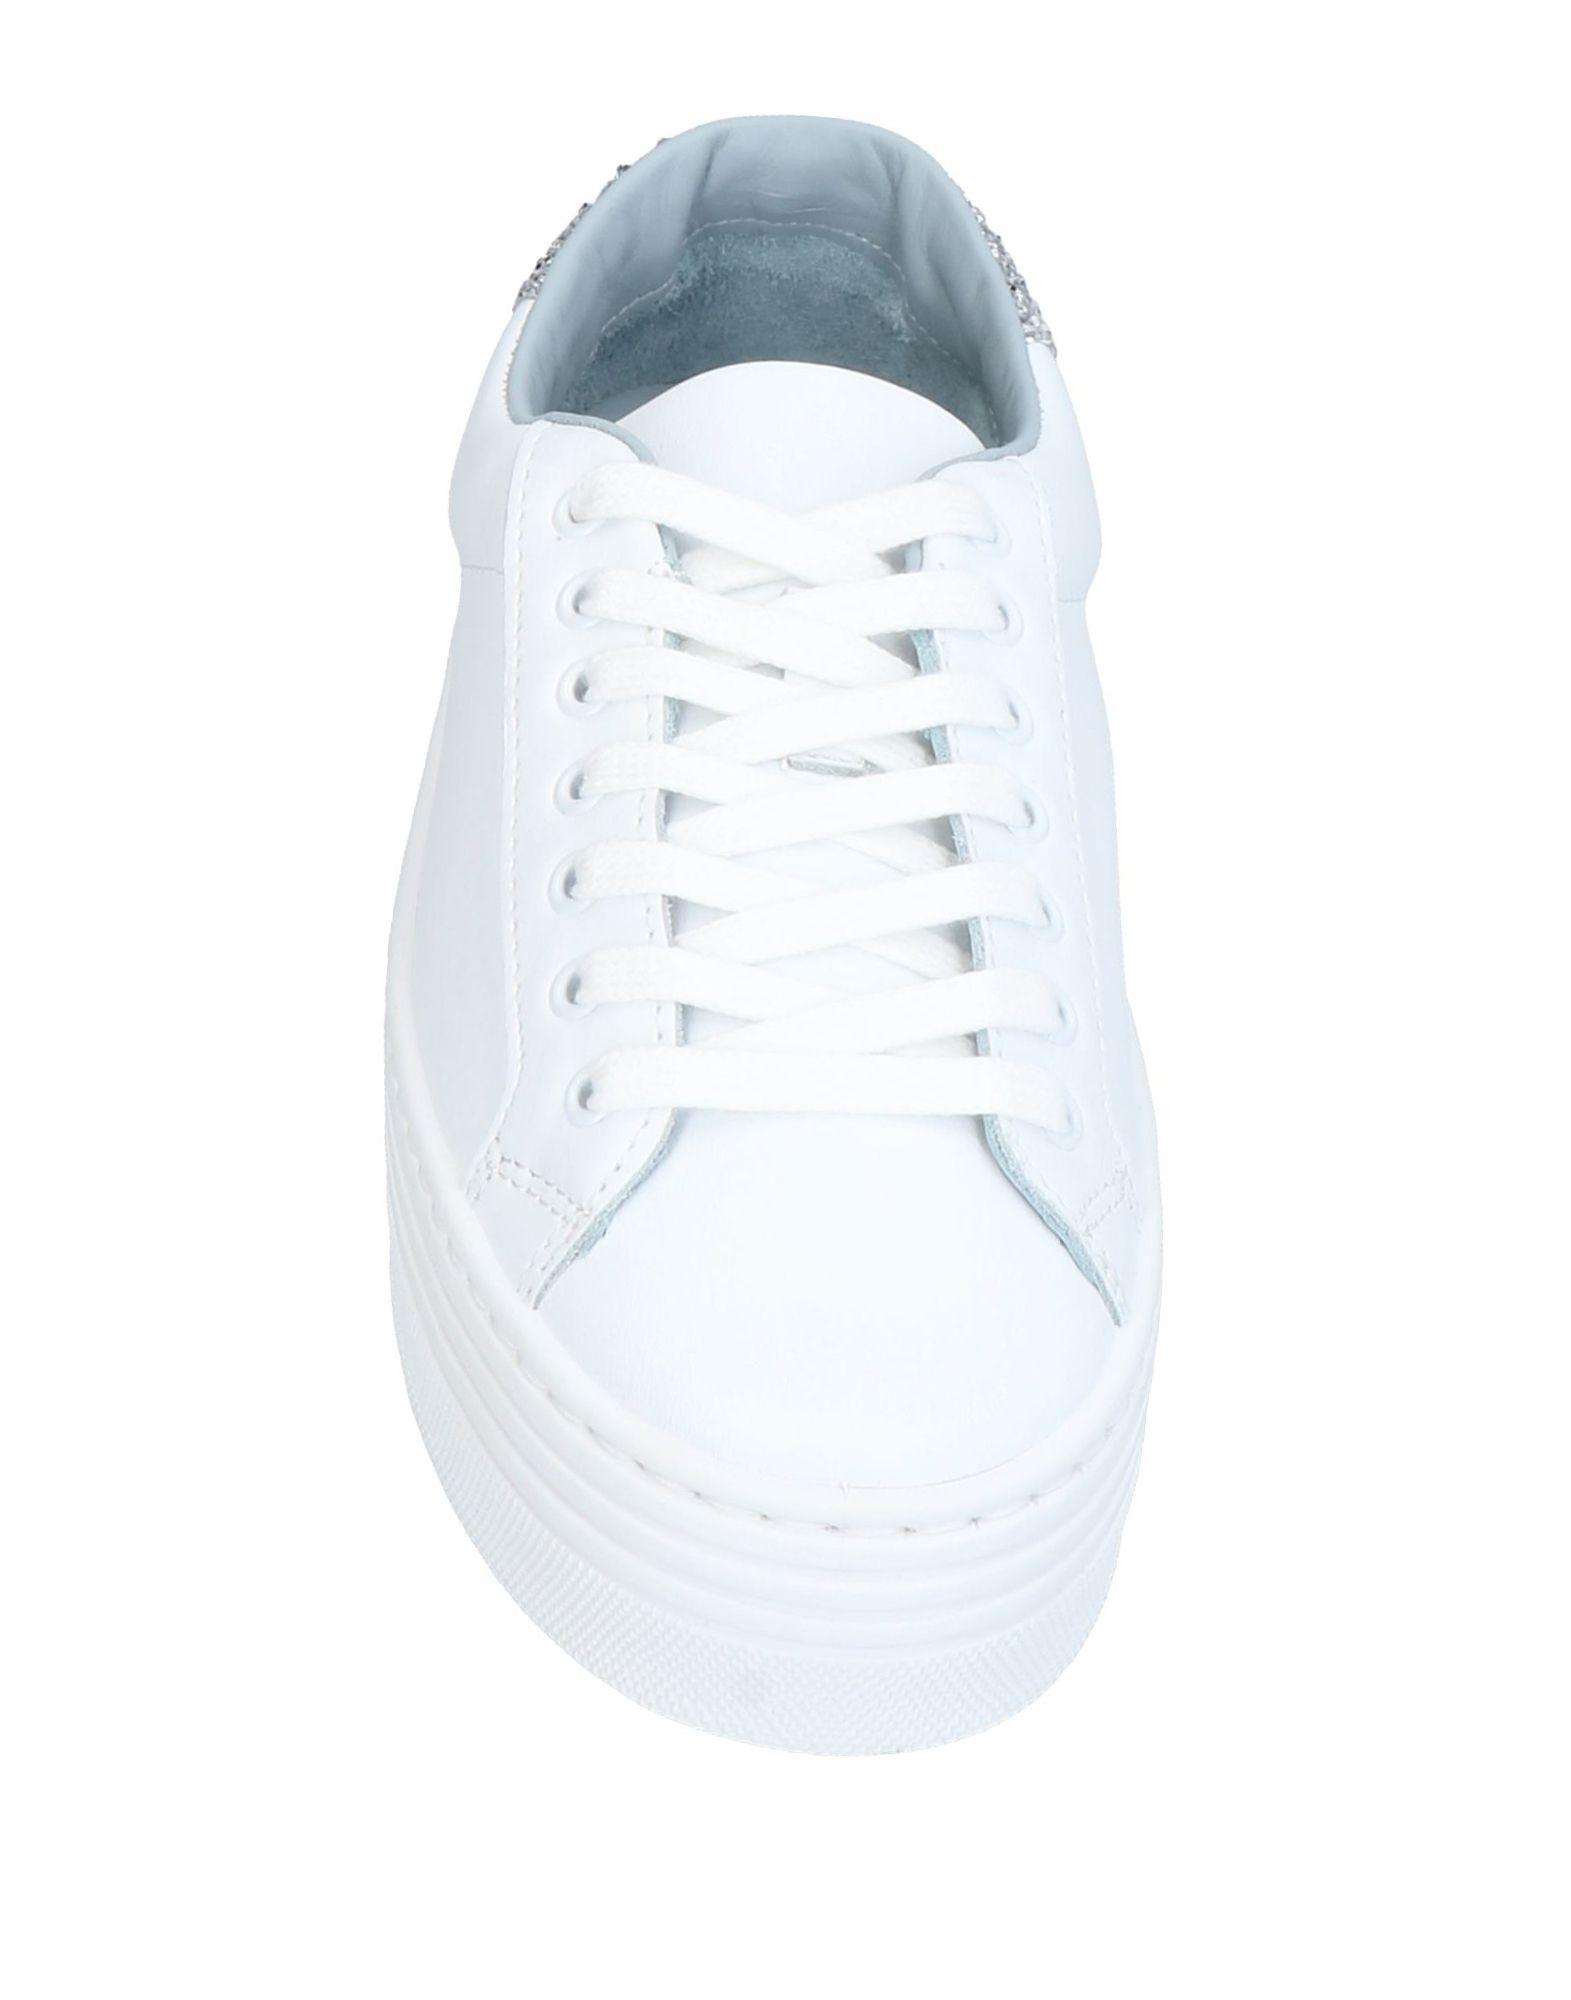 Stilvolle Sneakers billige Schuhe Chiara Ferragni Sneakers Stilvolle Damen  11461080AO a41092